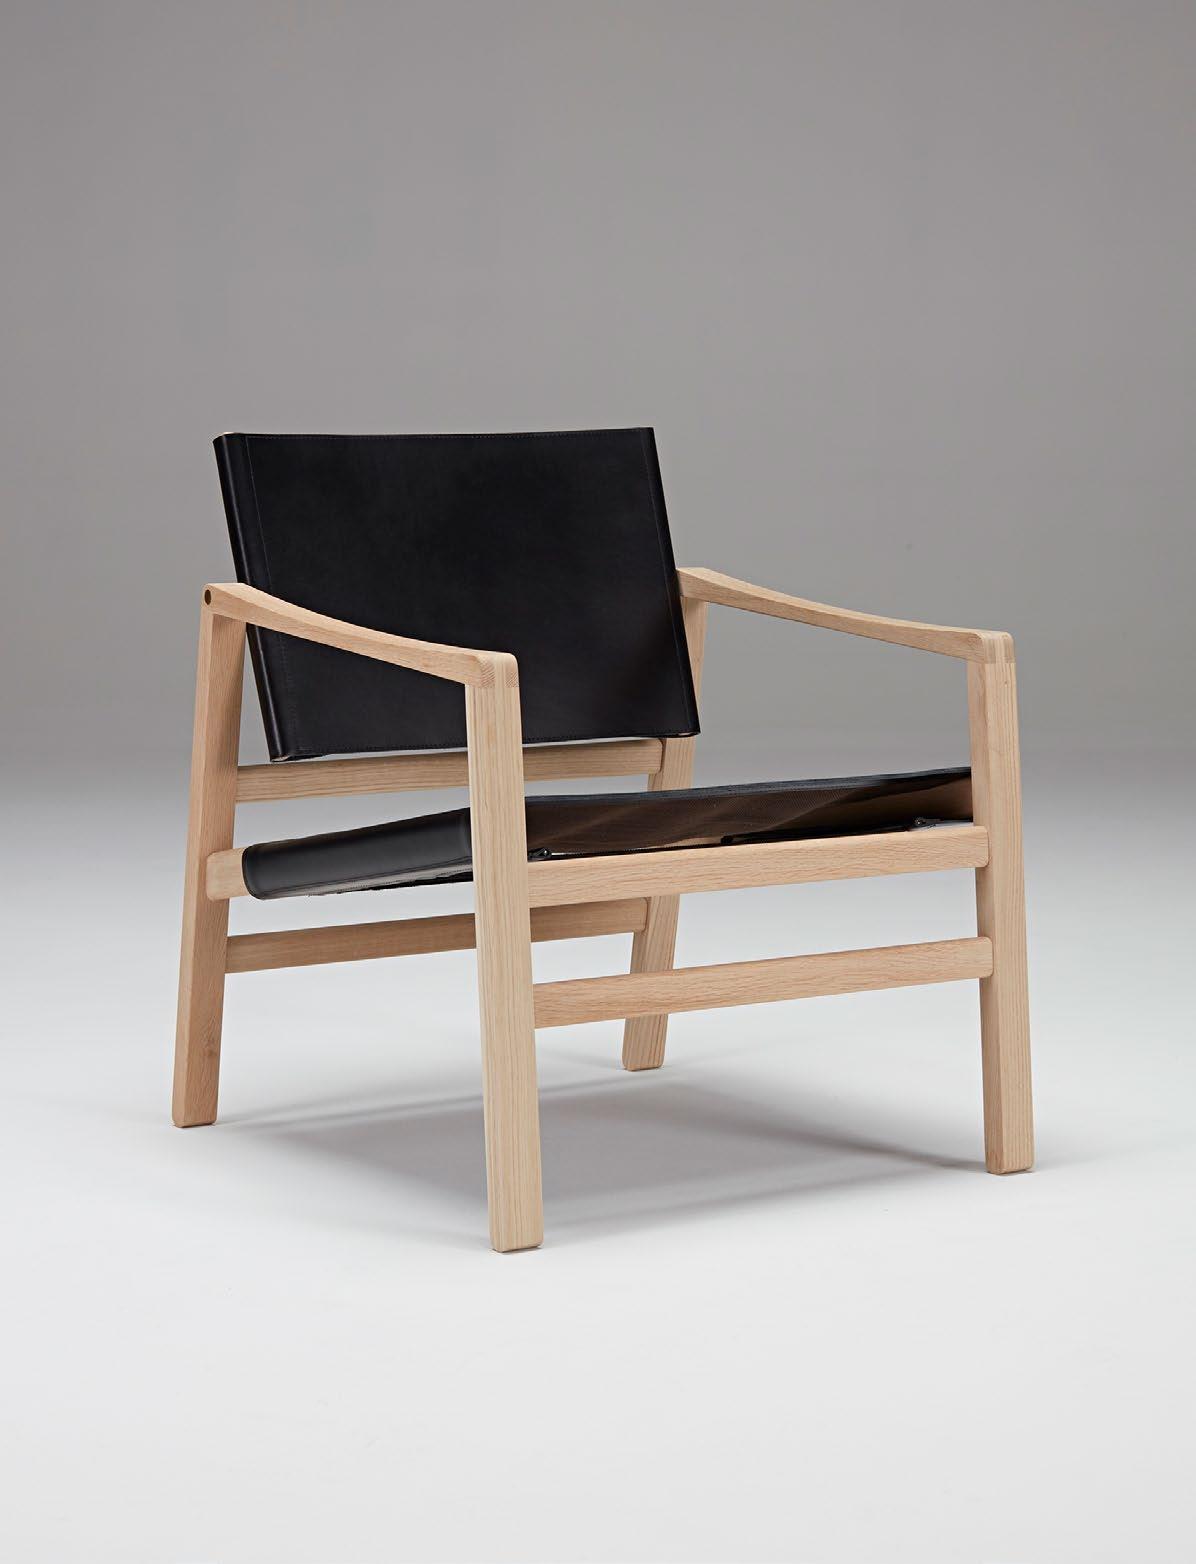 Sillón Loke - El fabricante danés Kragelund crea asientos con una gran comodidad y un aspecto distintivo. Los sillones de Kragelund, con su encanto escandinavo, están hechos para sentirse bien.